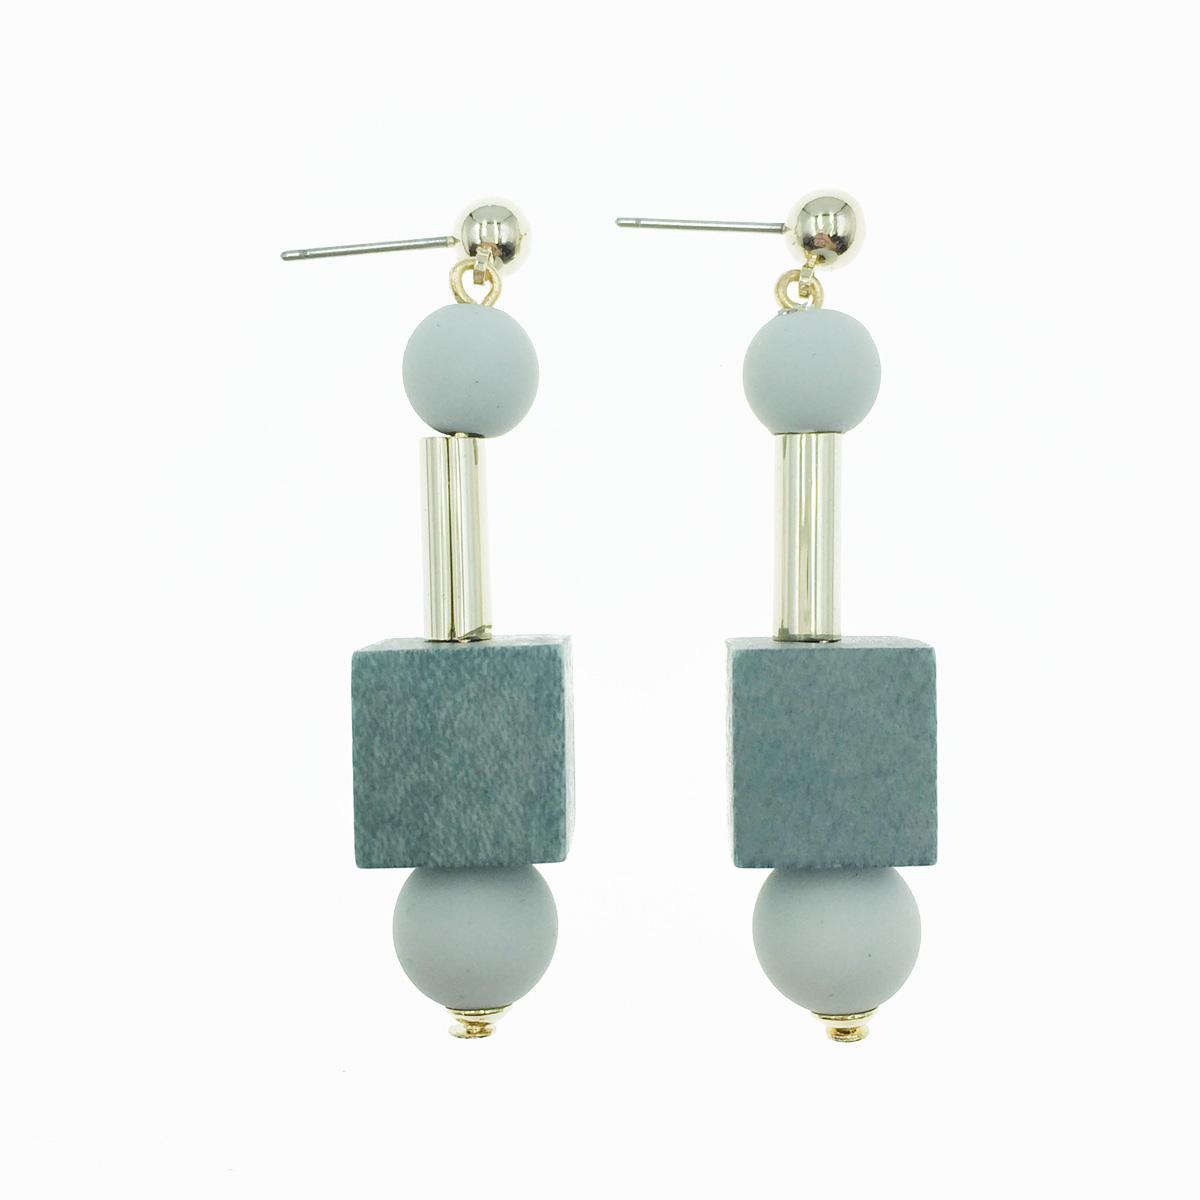 韓國 立體方塊 莫蘭迪色 垂墜感 耳針式耳環